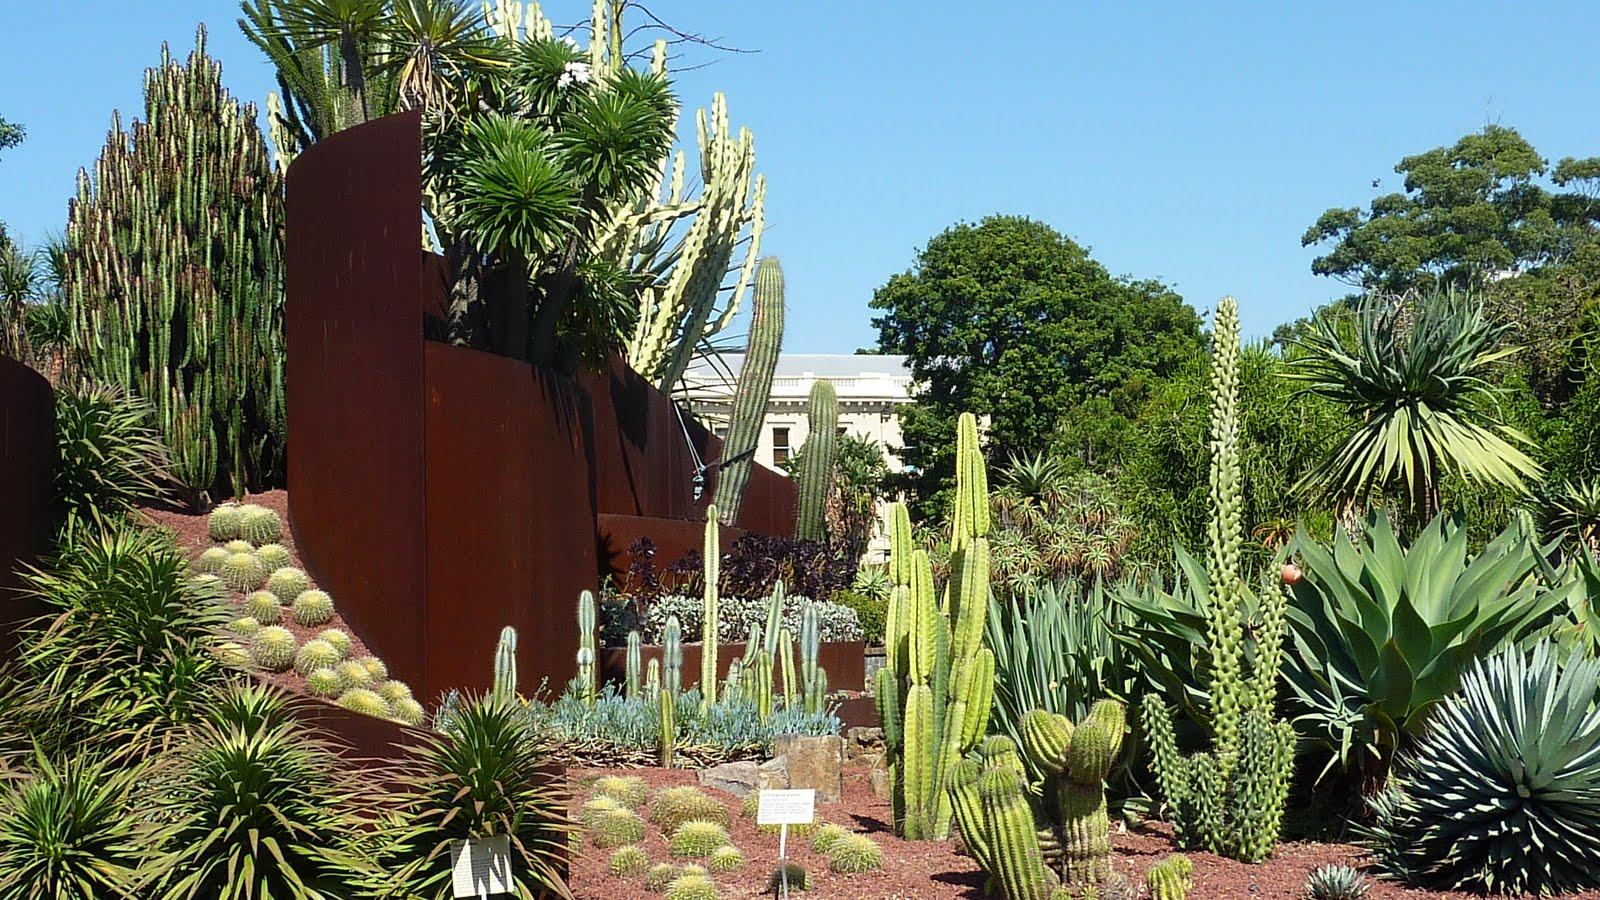 Exterior Visions - garden design blog